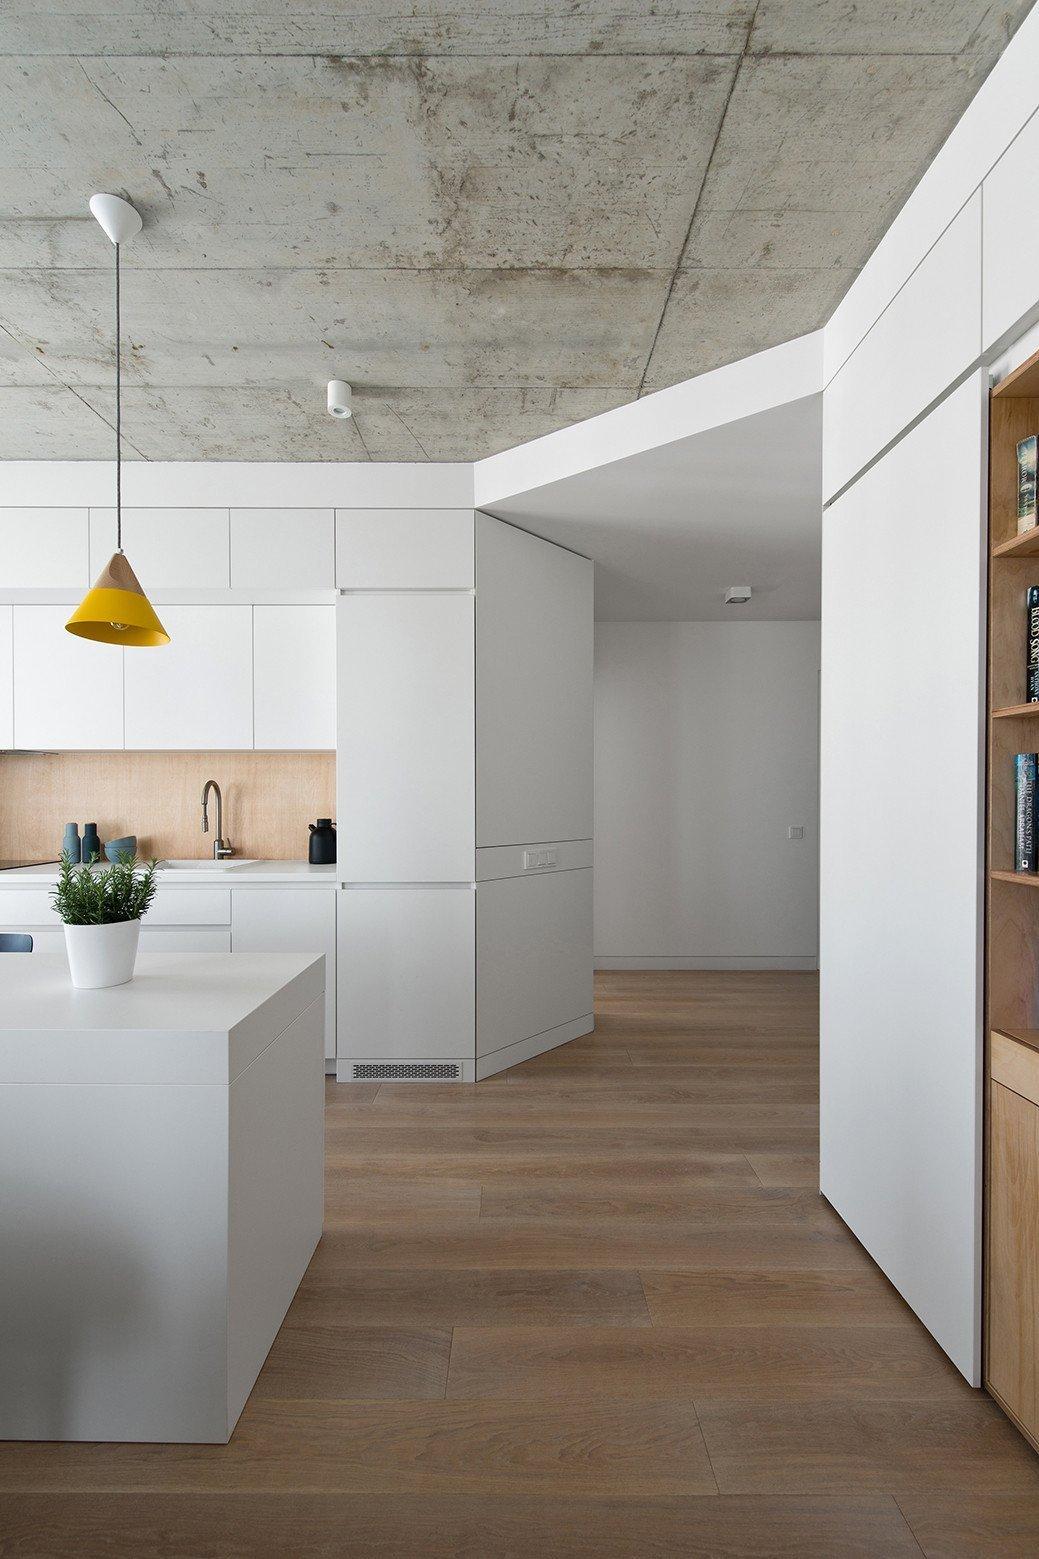 Malý prostor vyžaduje světlé barvy a dostatek úložného prostoru.